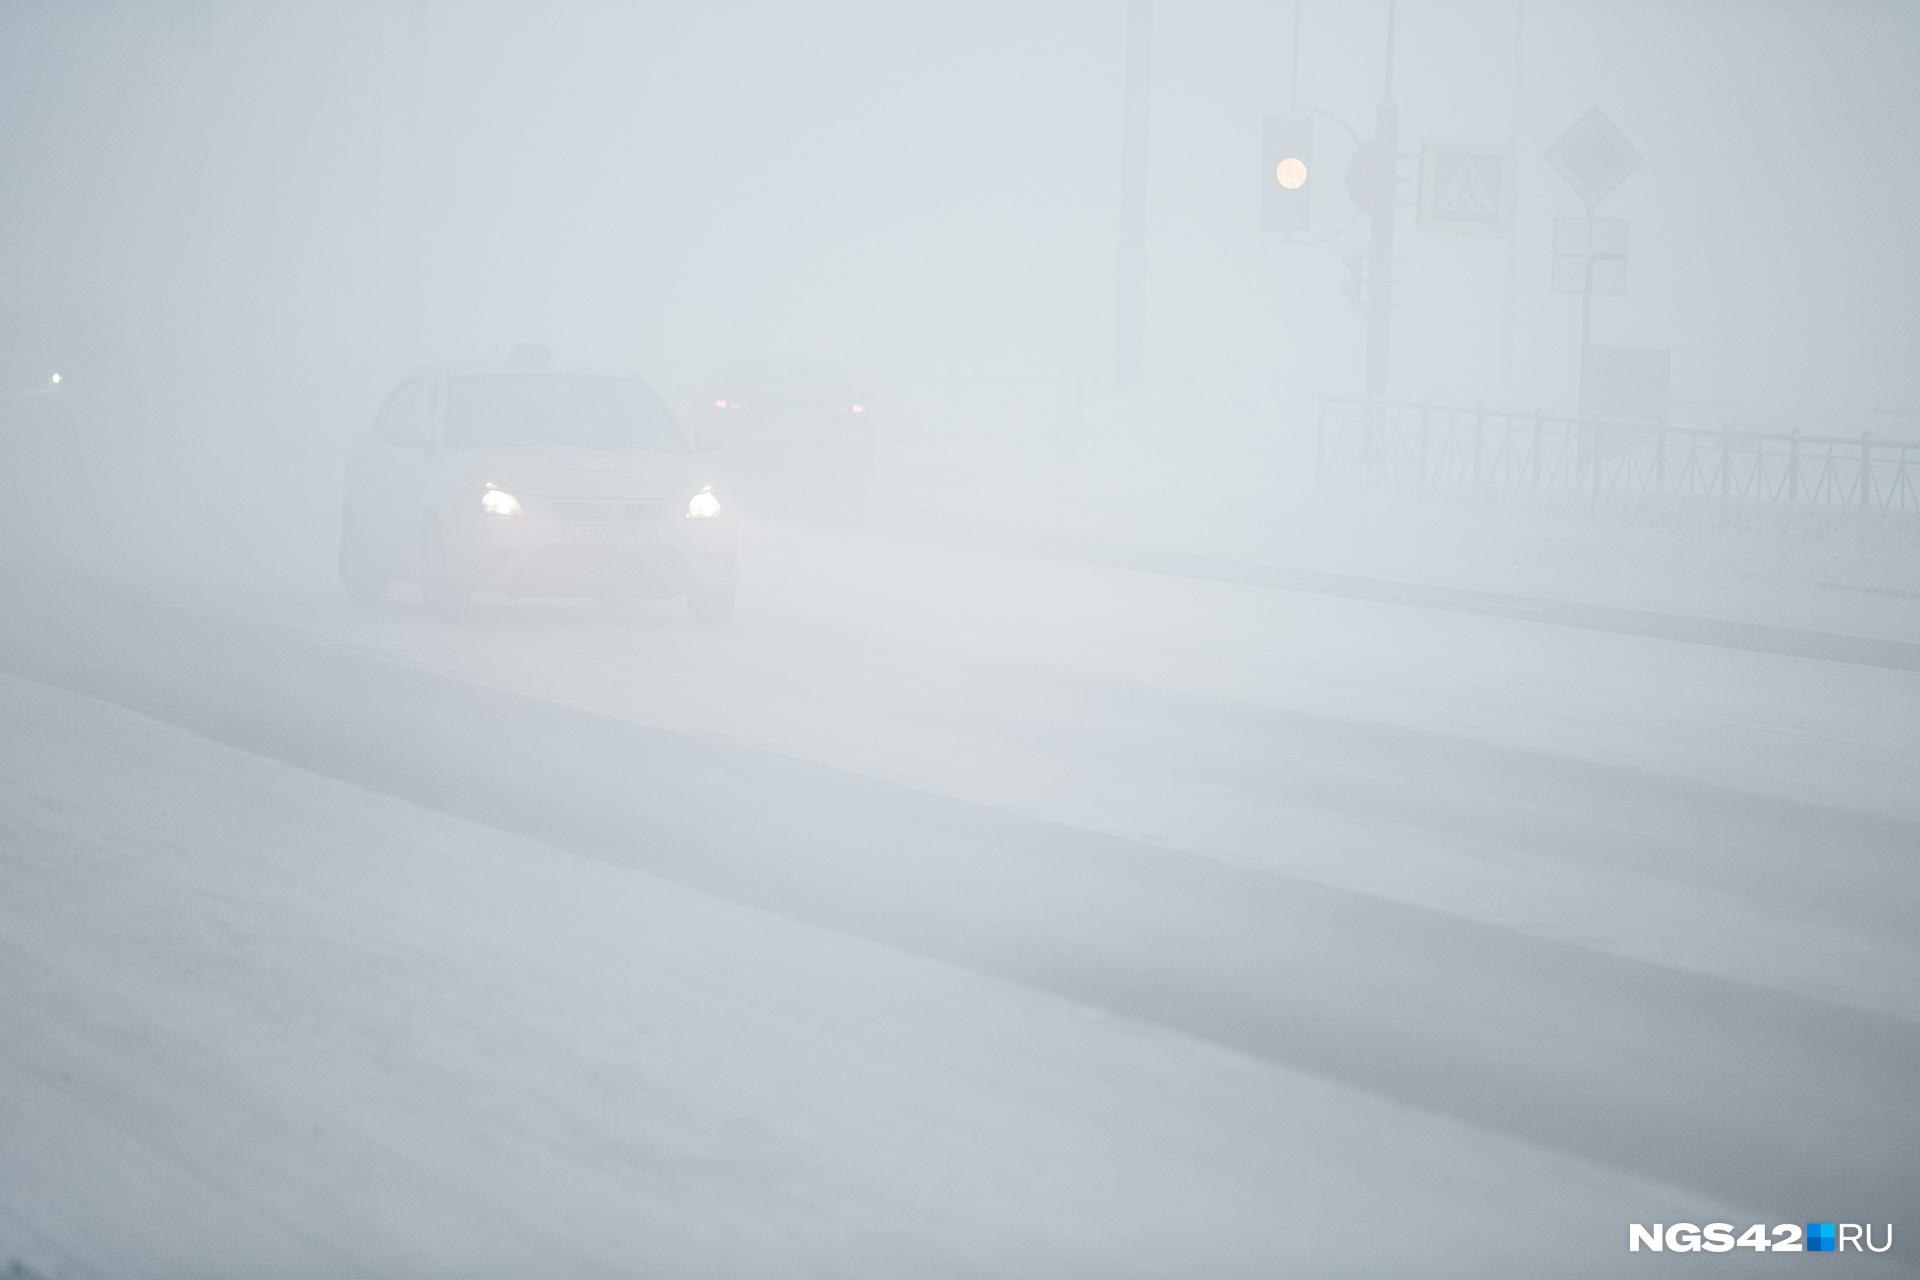 Из-за морозного тумана и дымки на дорогах плохая видимость